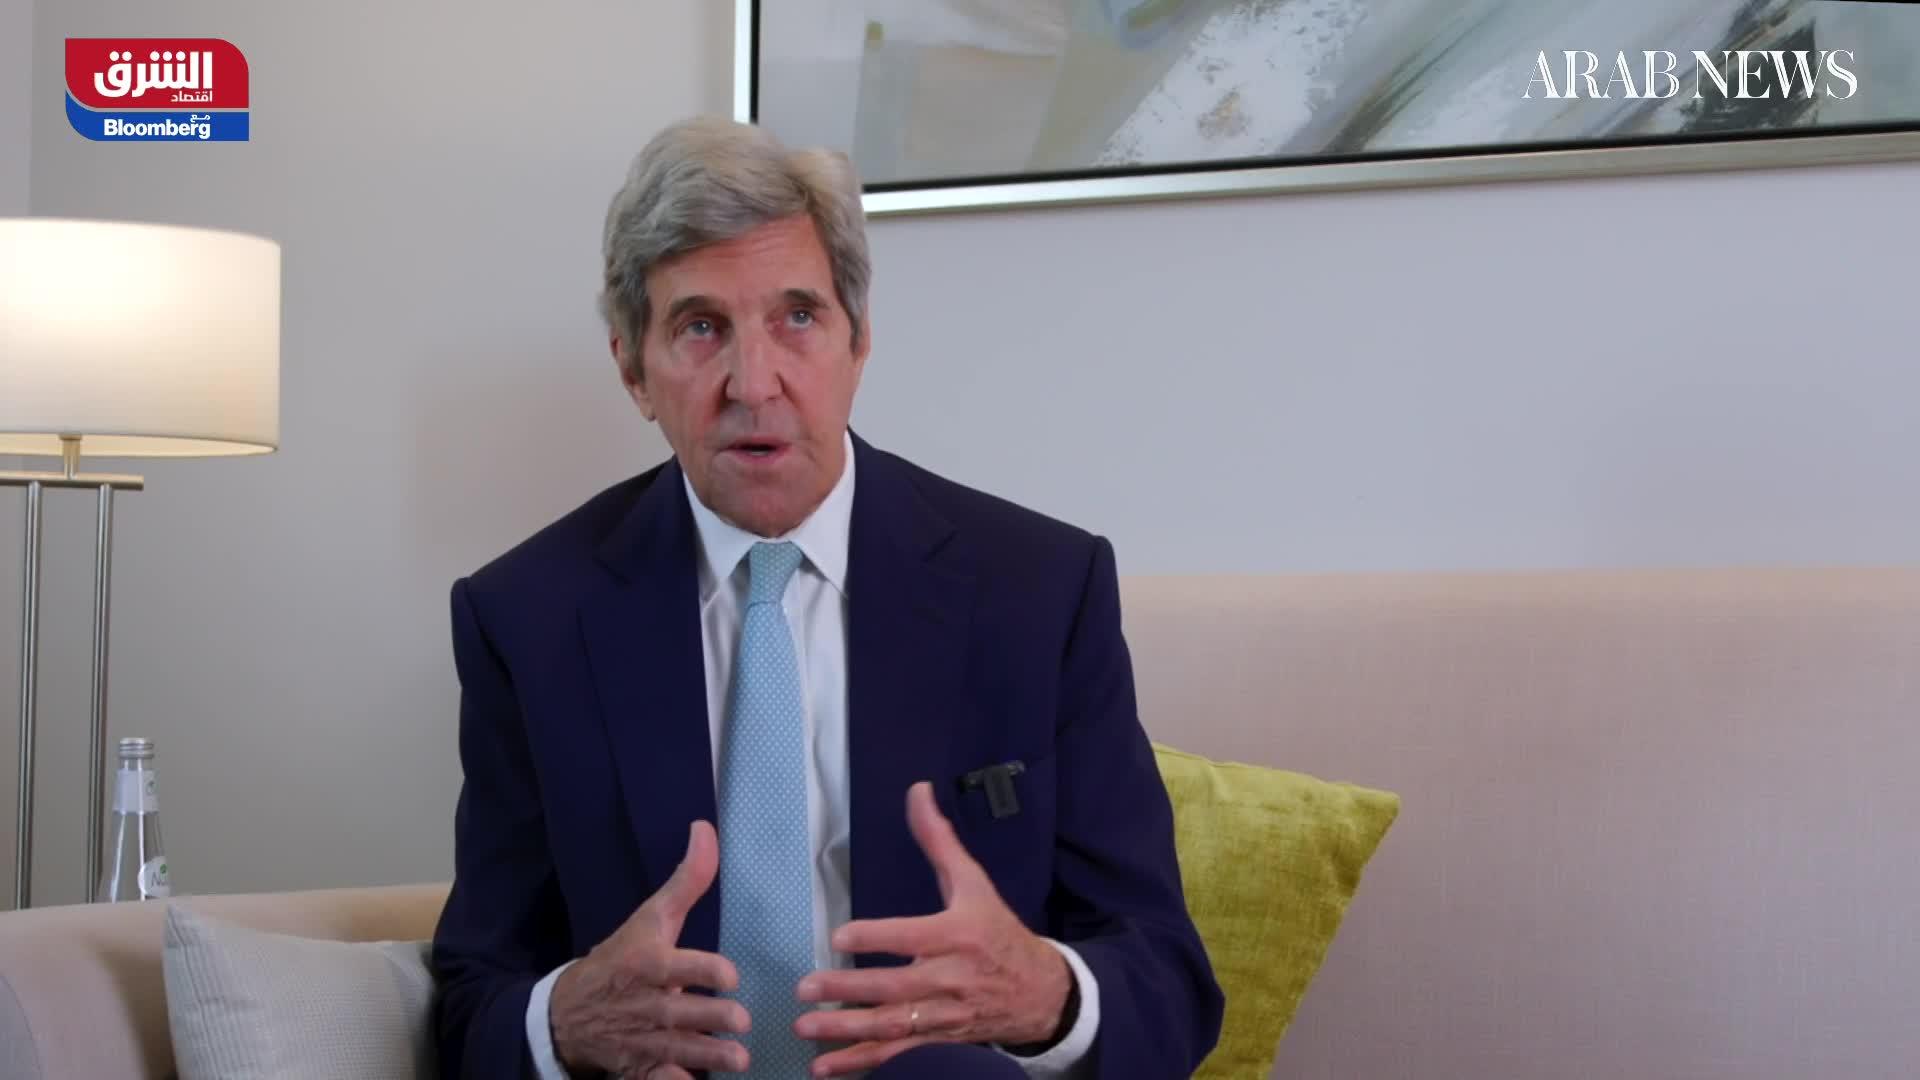 جون كيري: مبادرة السعودية الخضراء خطوة في غاية الأهمية